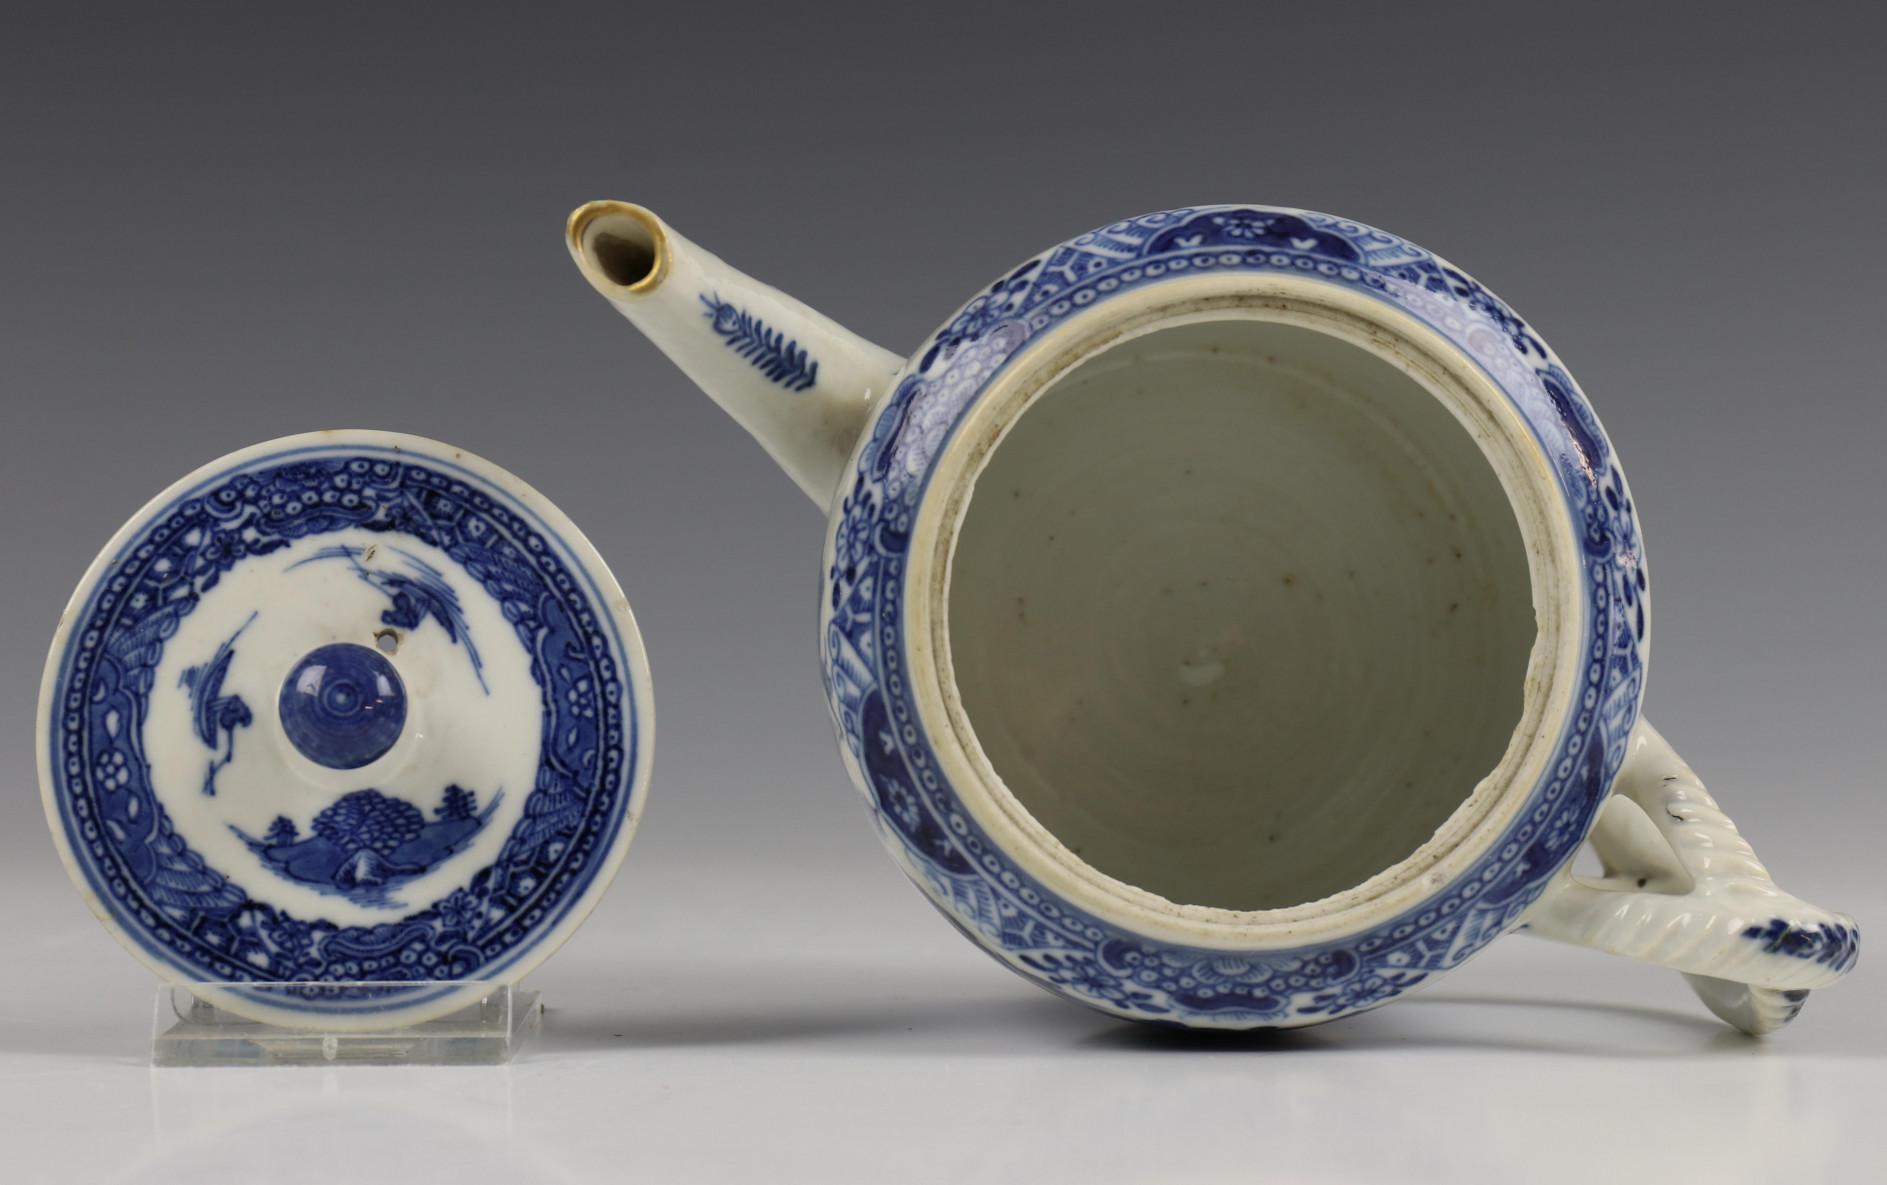 China, blauw-wit porseleinen trekpot, Imari trekpotje en melkkan, 18e eeuw, - Image 21 of 21